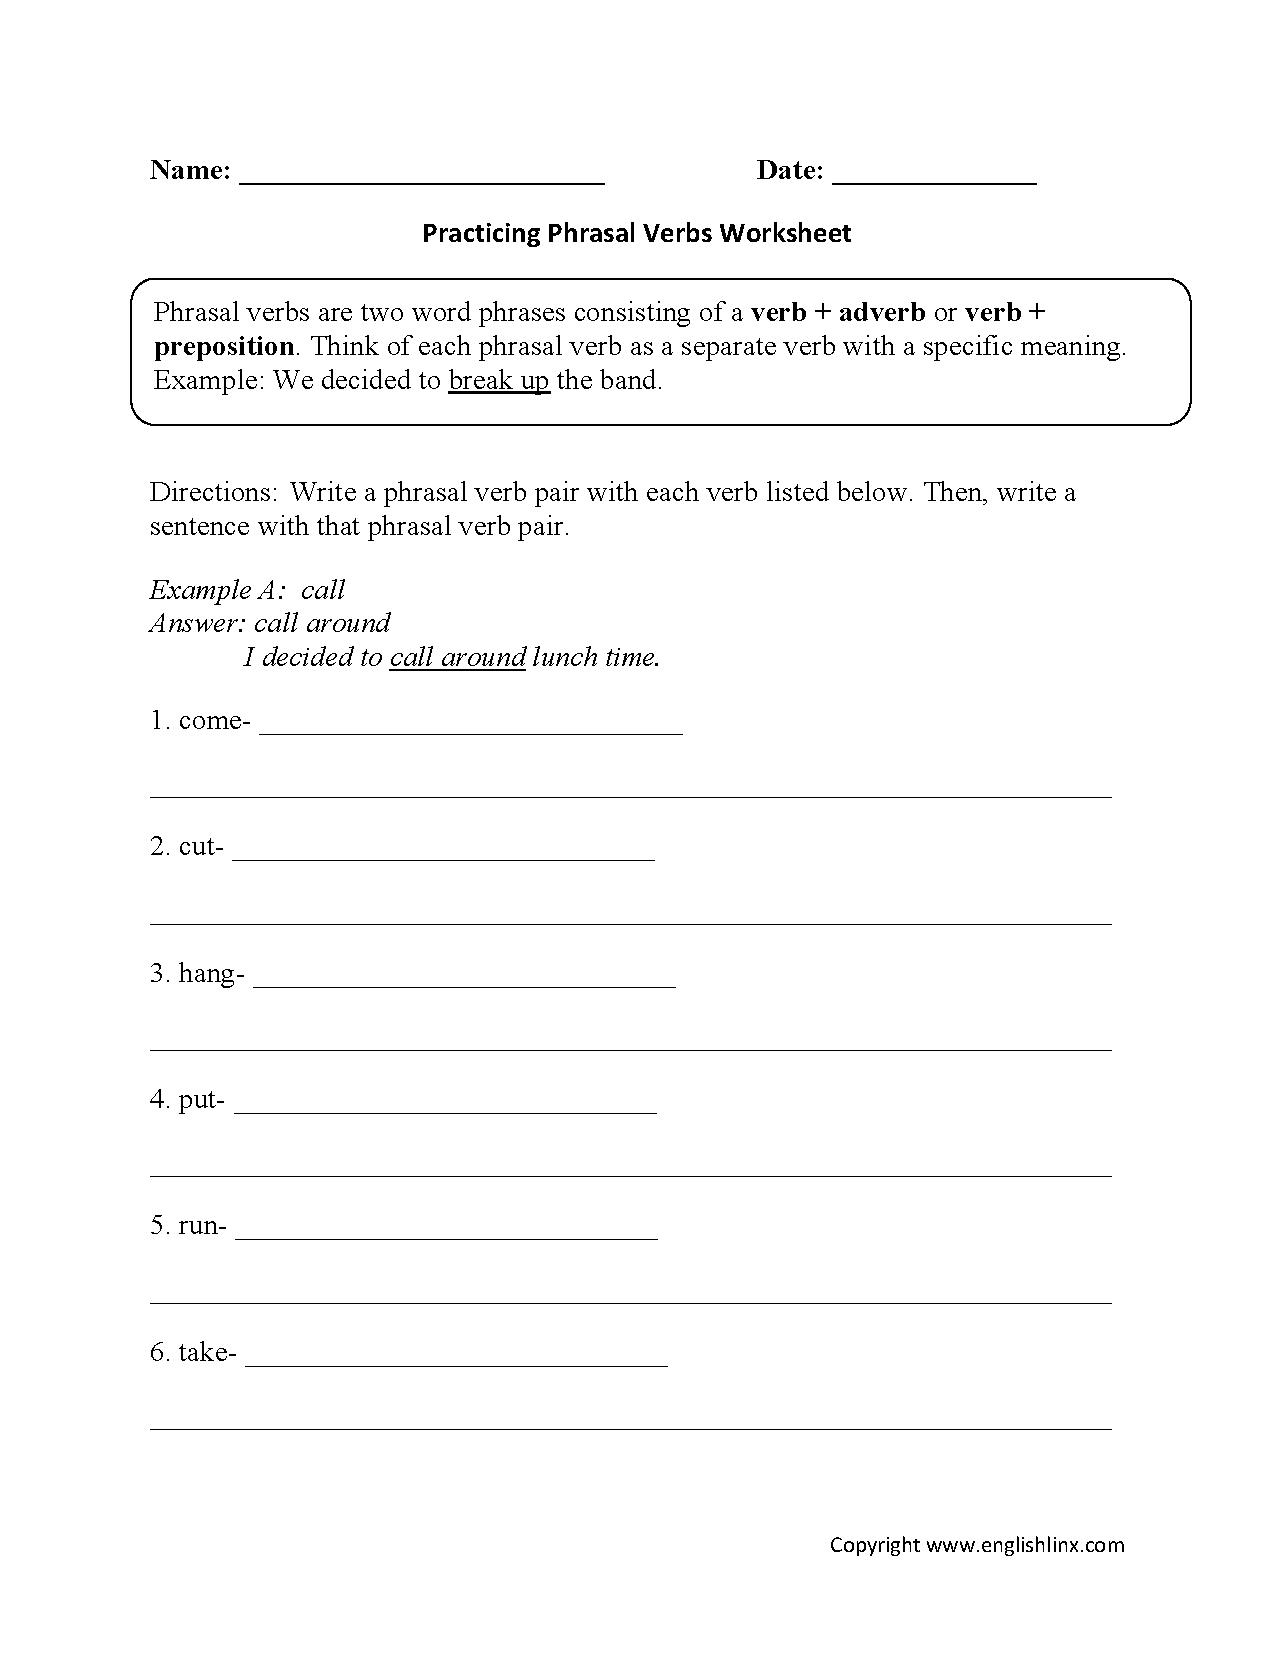 Worksheets Phrasal Verbs Worksheet practicing phrasal verbs worksheet dxvxcv pinterest worksheets list and sentences